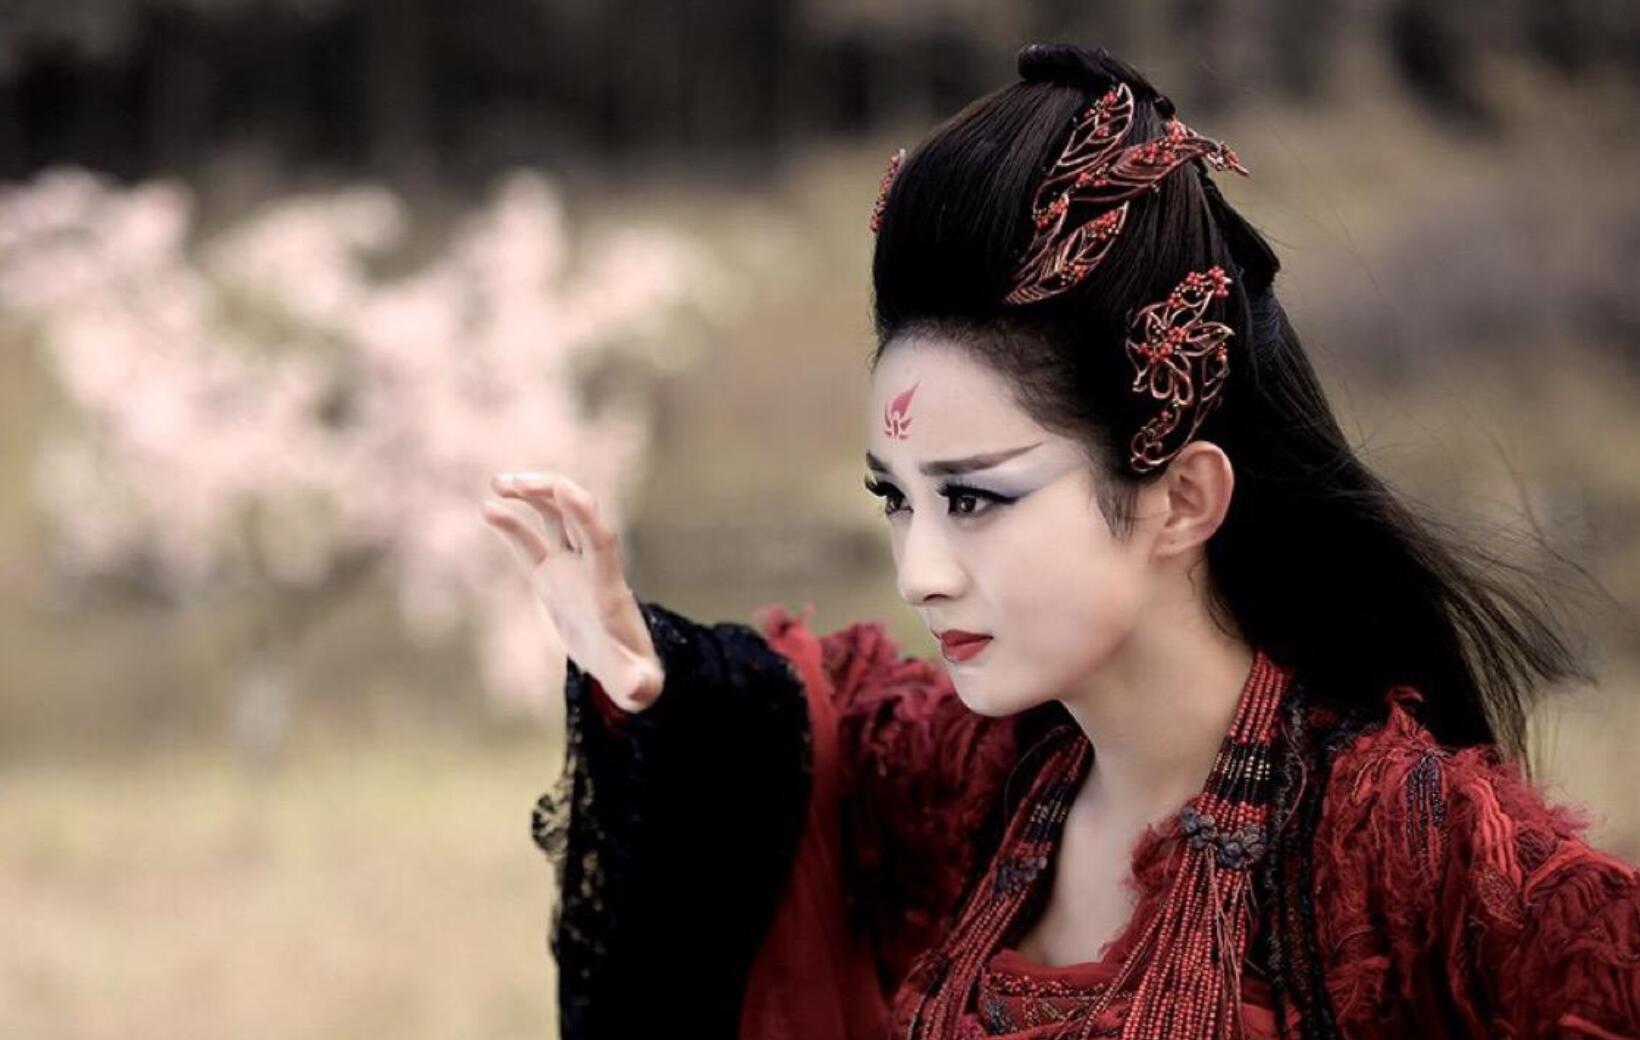 继 活佛济公2 之后,叶祖新又一古装剧来袭,化身一位太监图片